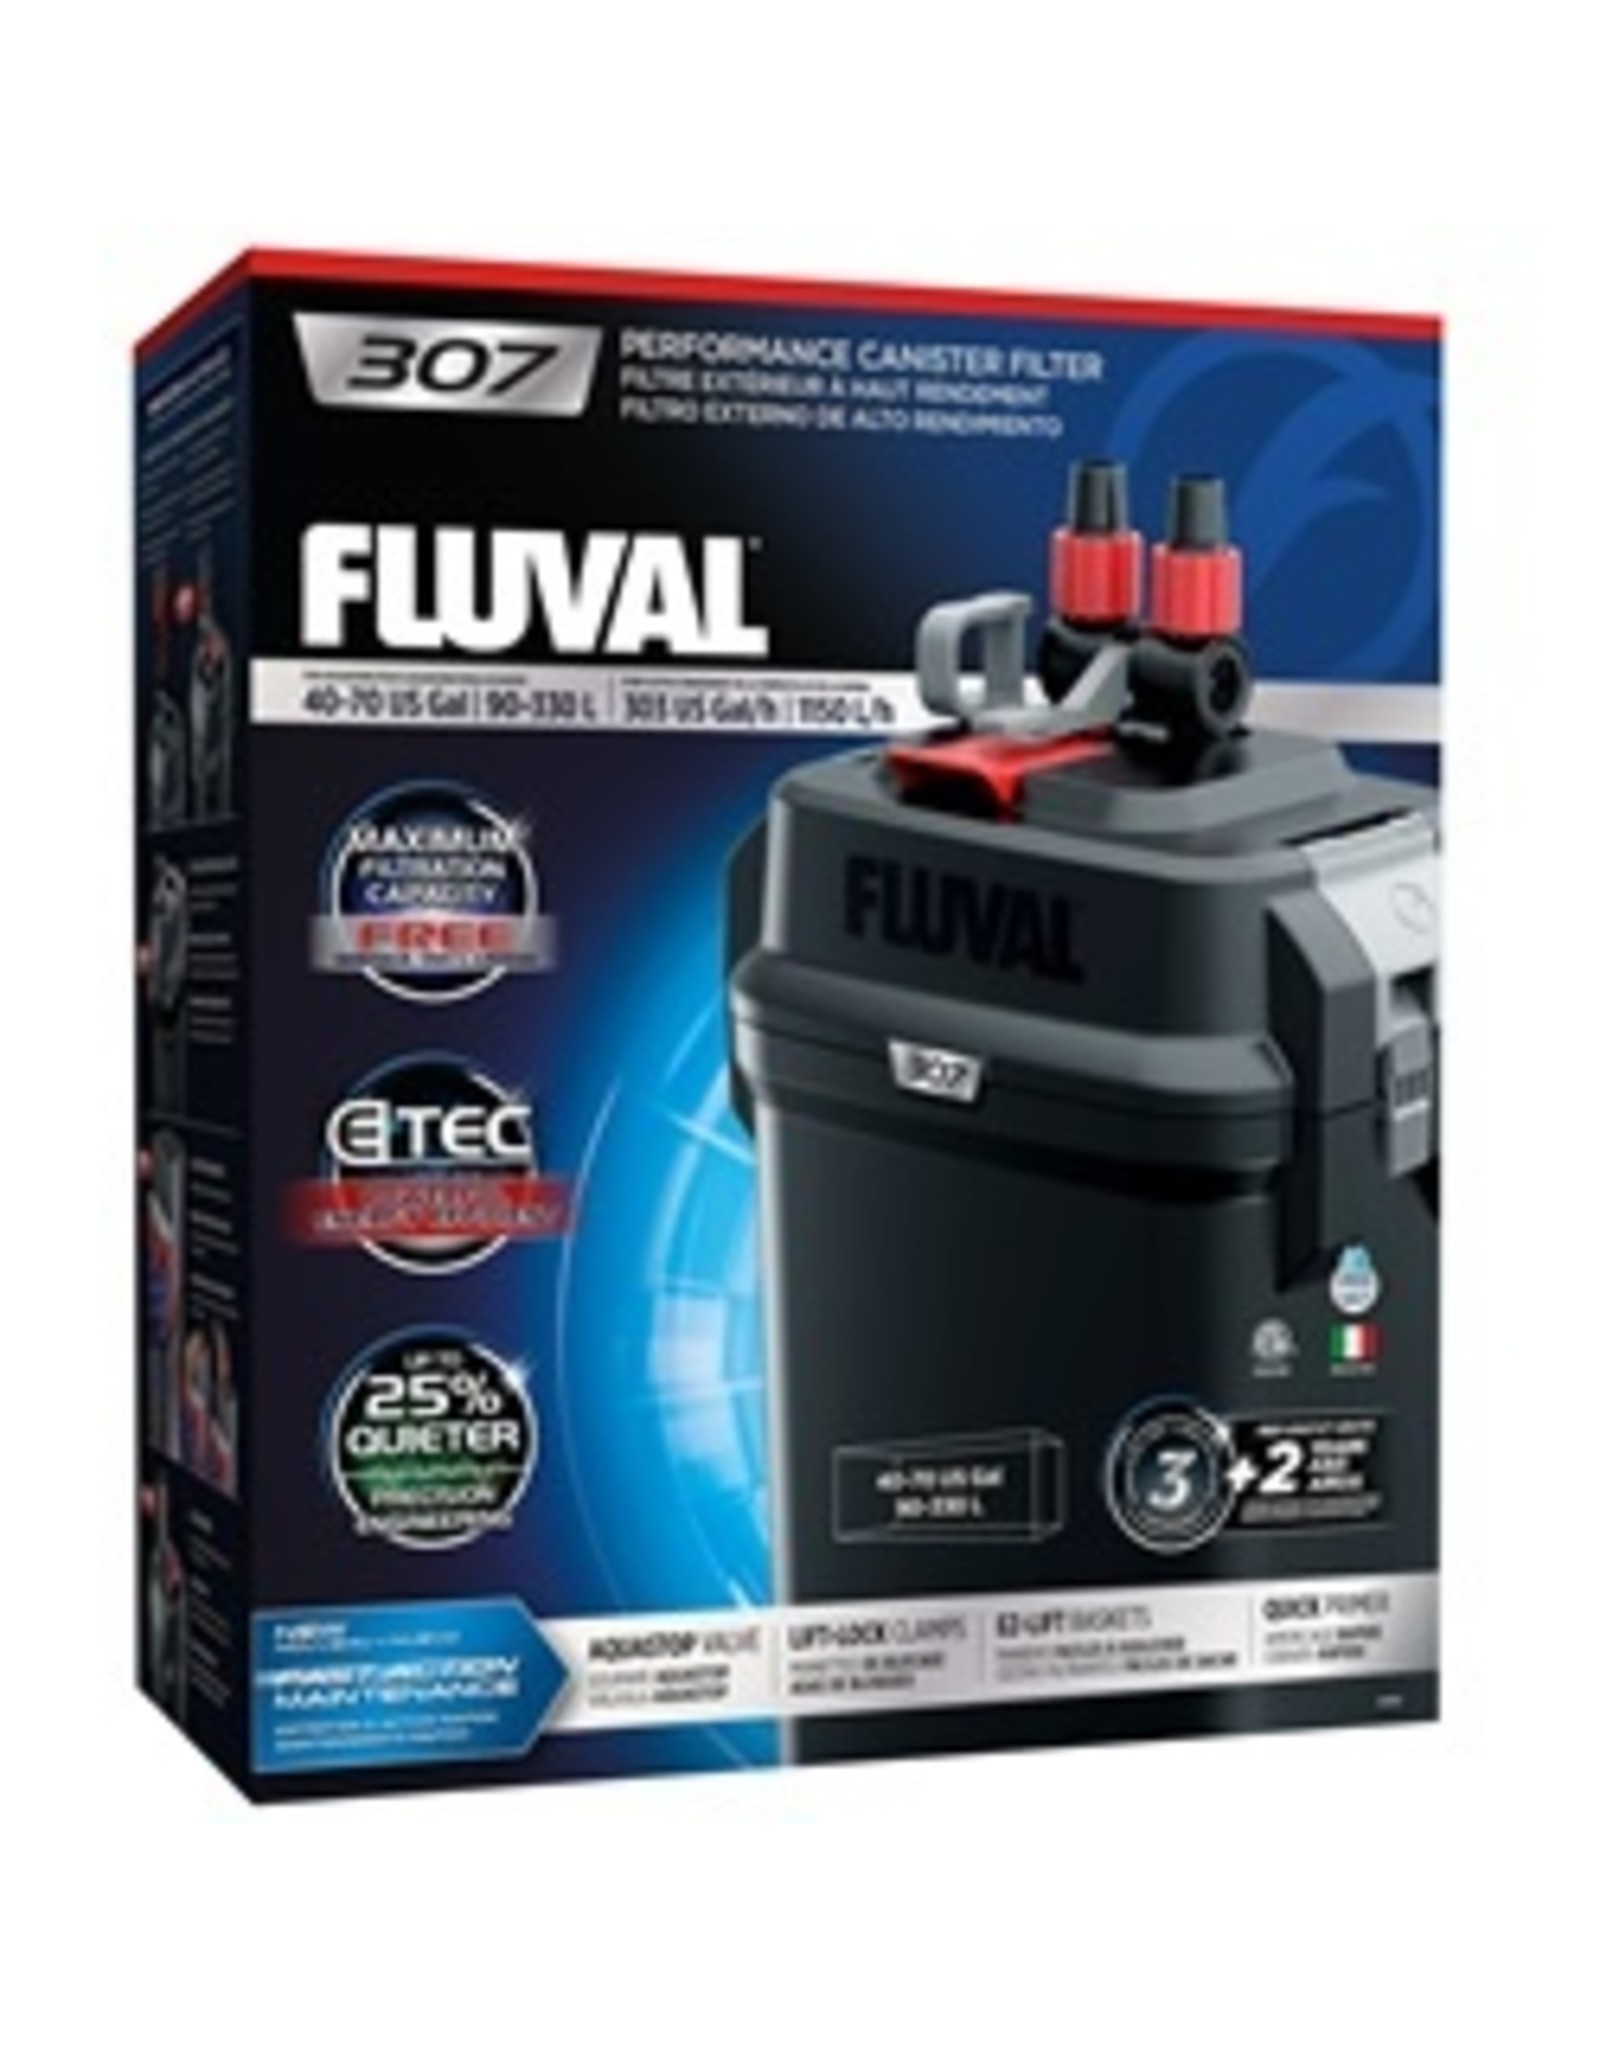 FL - Fluval Fluval 307 CANISTER FILTER - PP